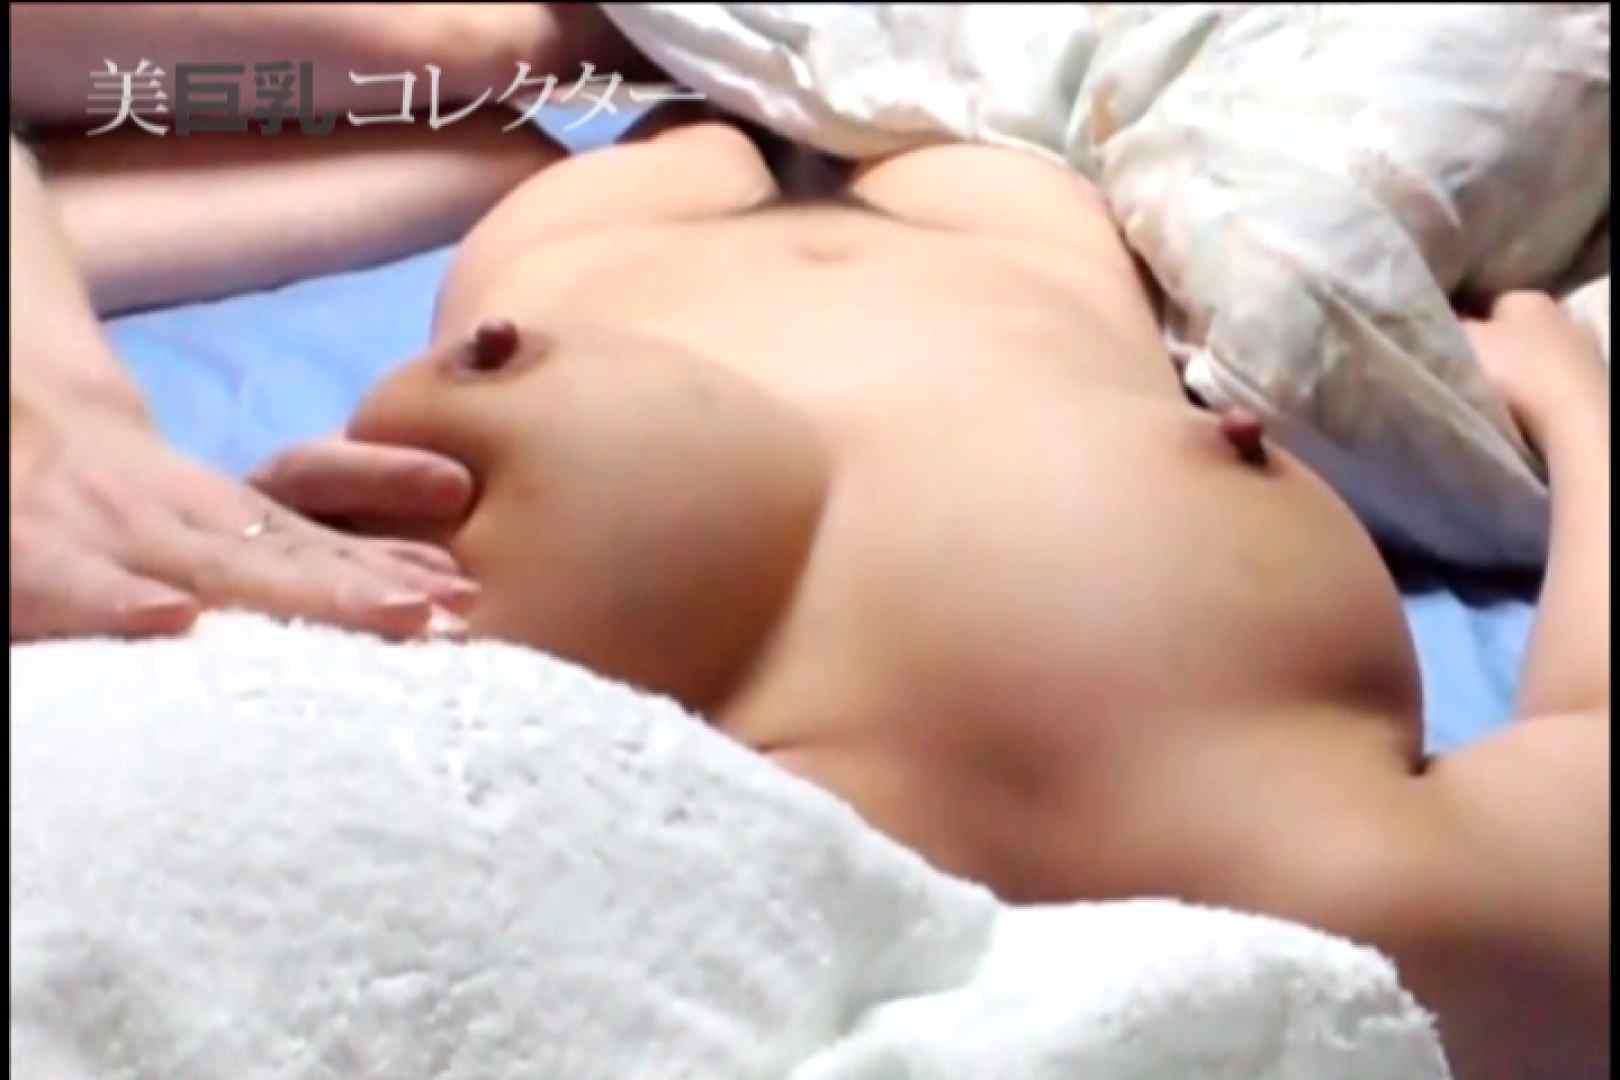 泥酔Hカップ爆乳ギャル2 悪戯 | 隠撮  81画像 18